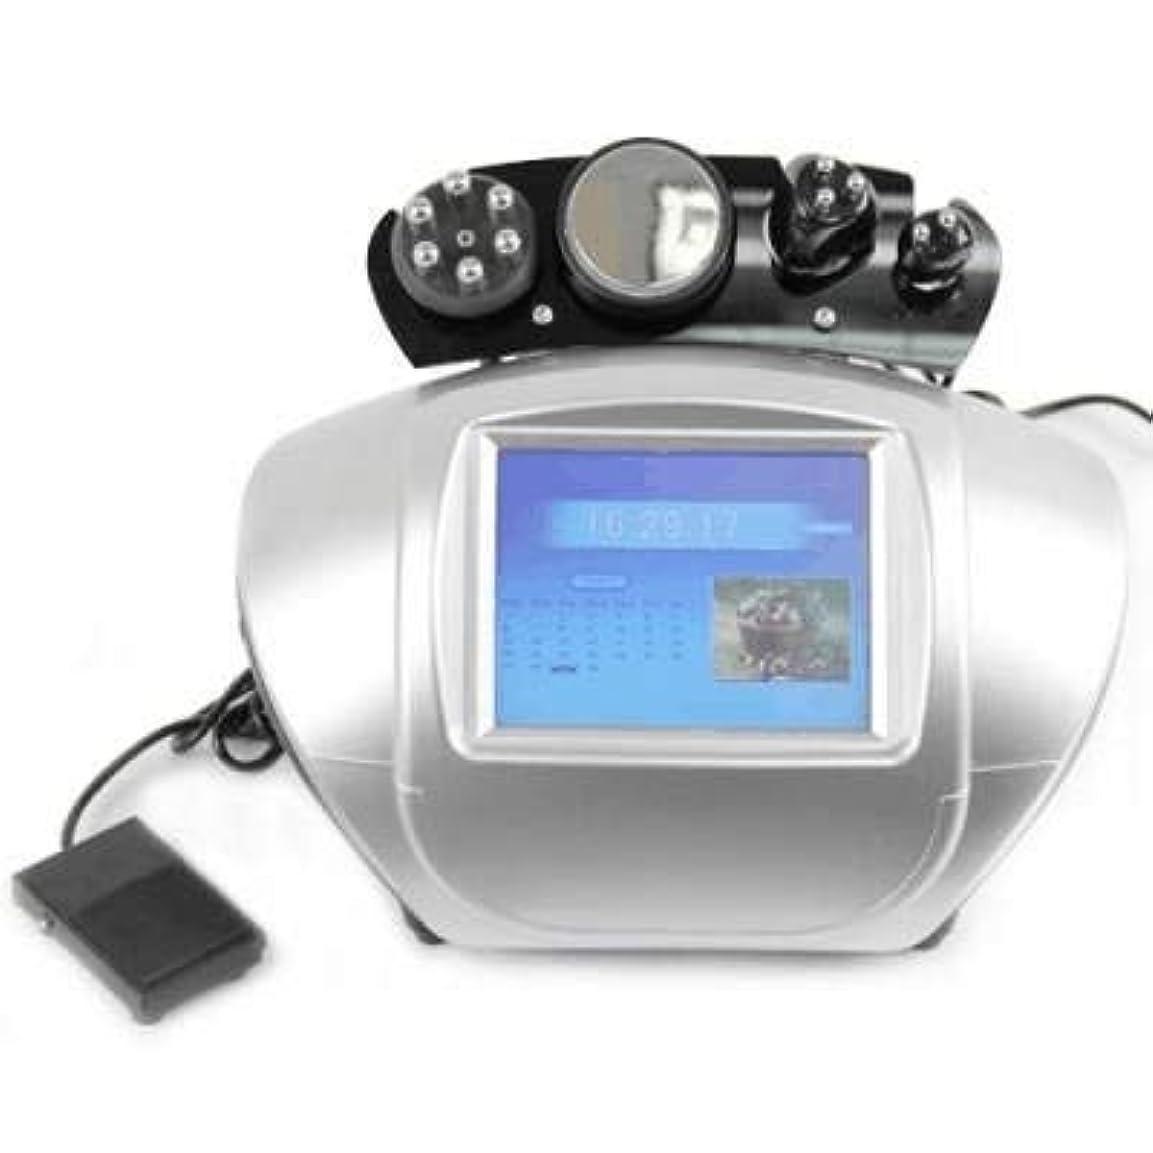 教育する刺す後方にGoodLongエステサロン多極RF ラジオ波 EMS 超音波 キャビテーション 美容複合機 RU+6